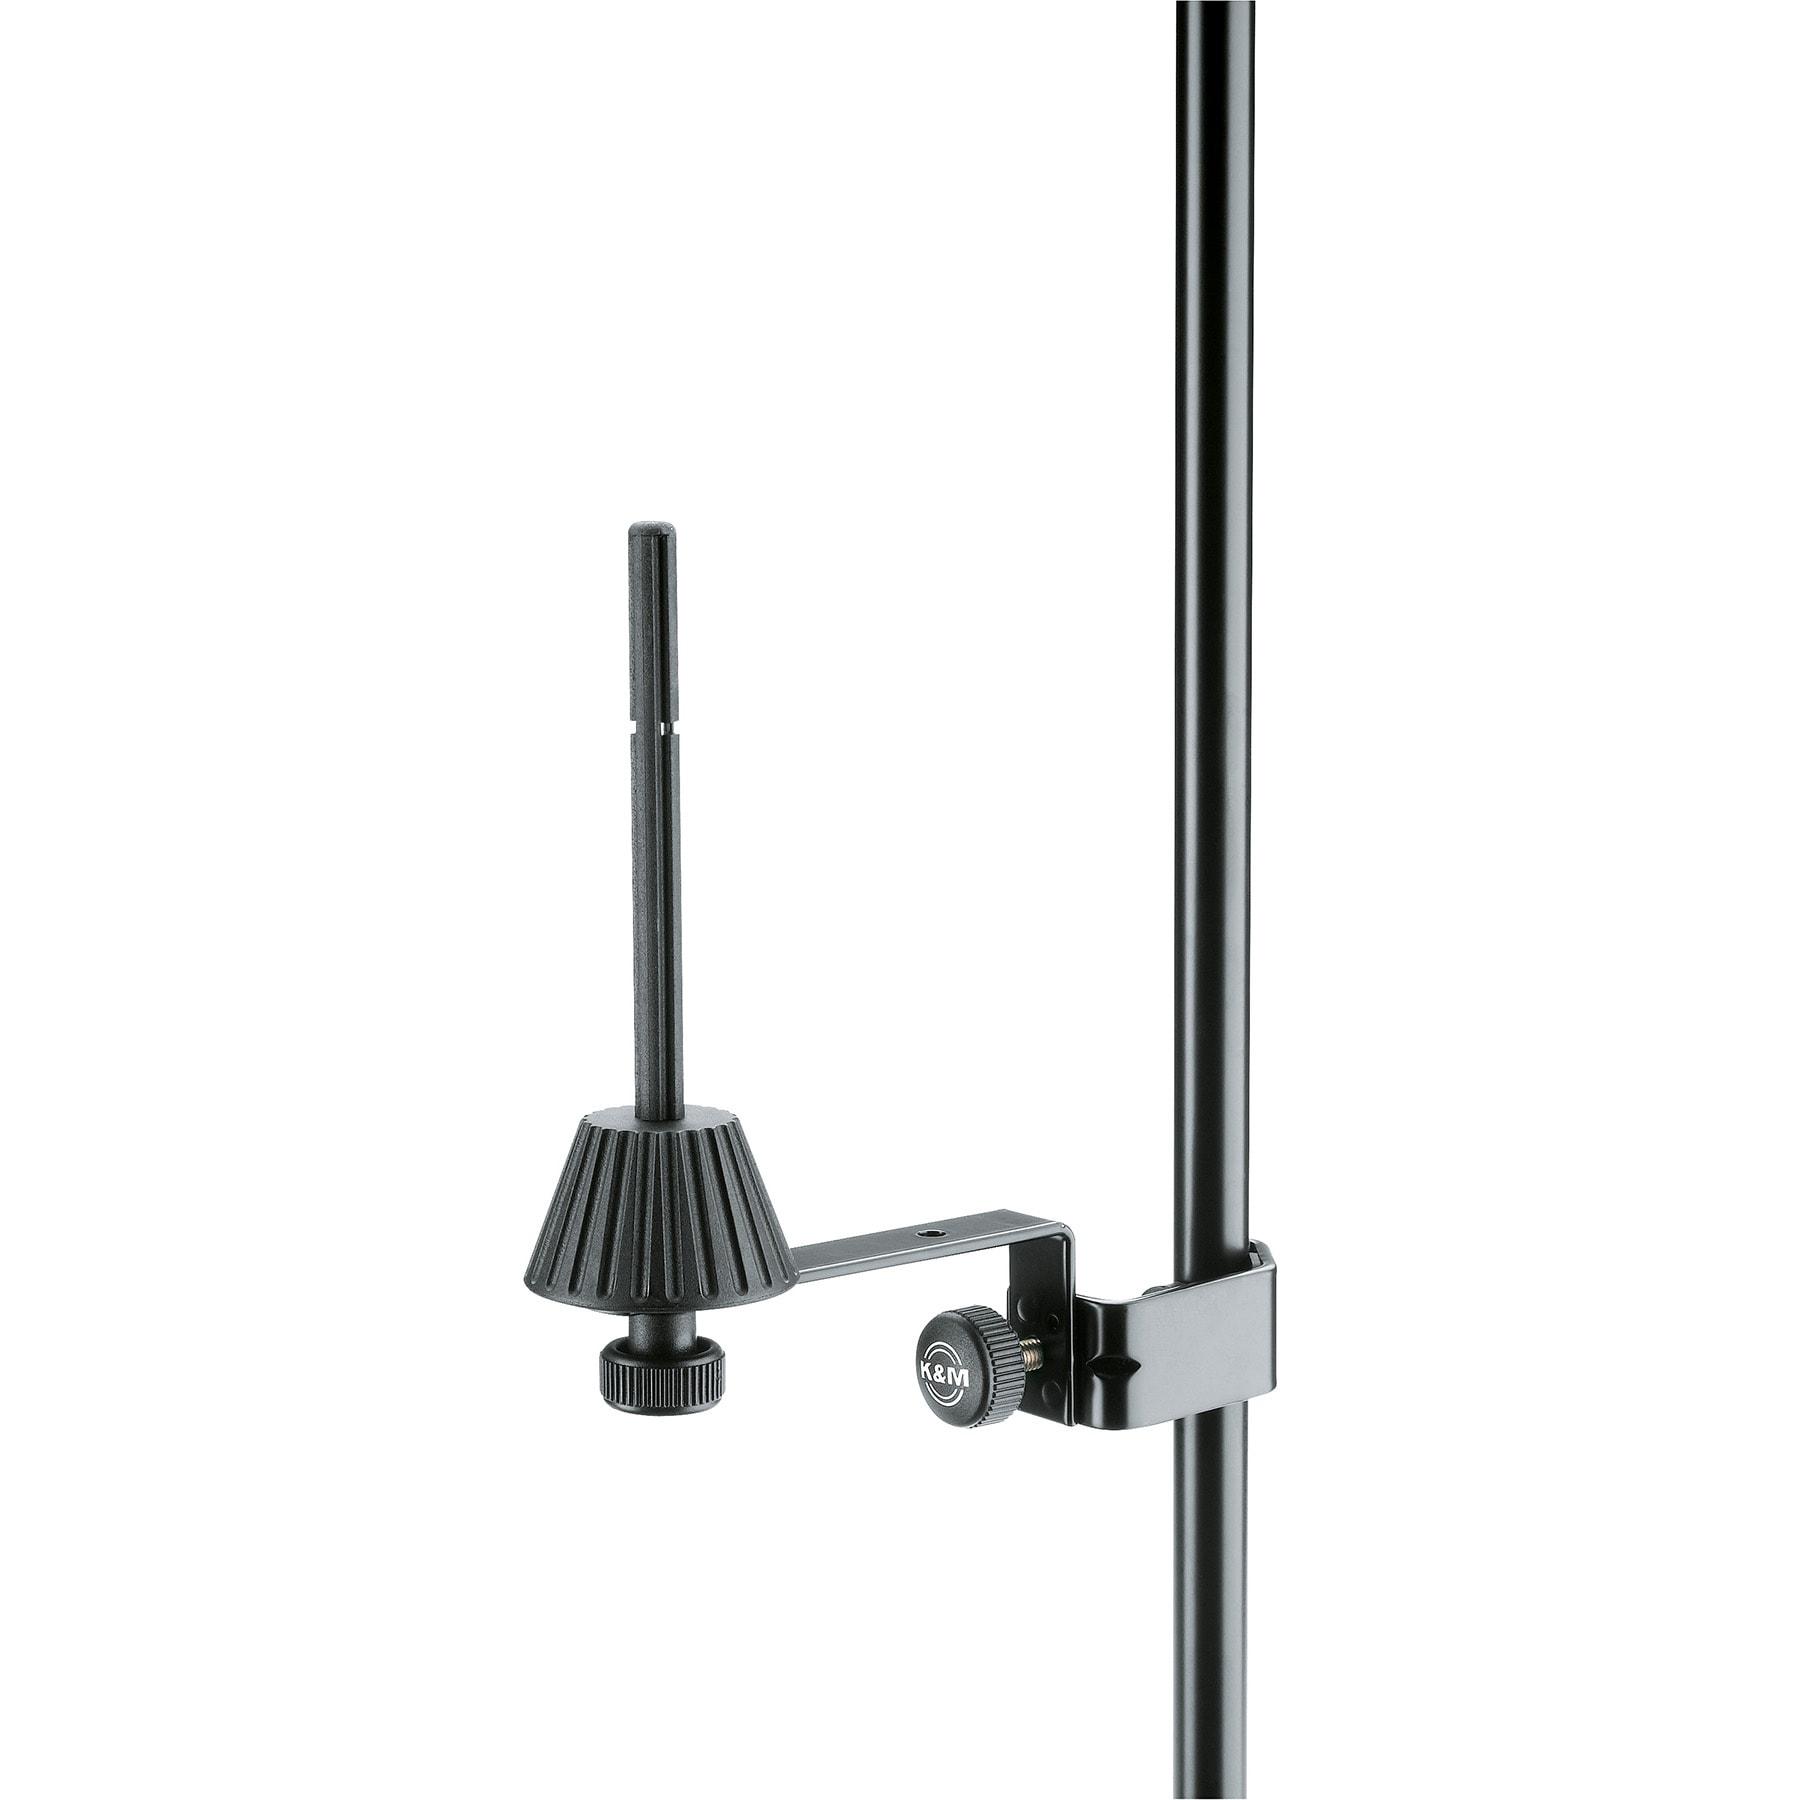 KM15255 - Flute holder